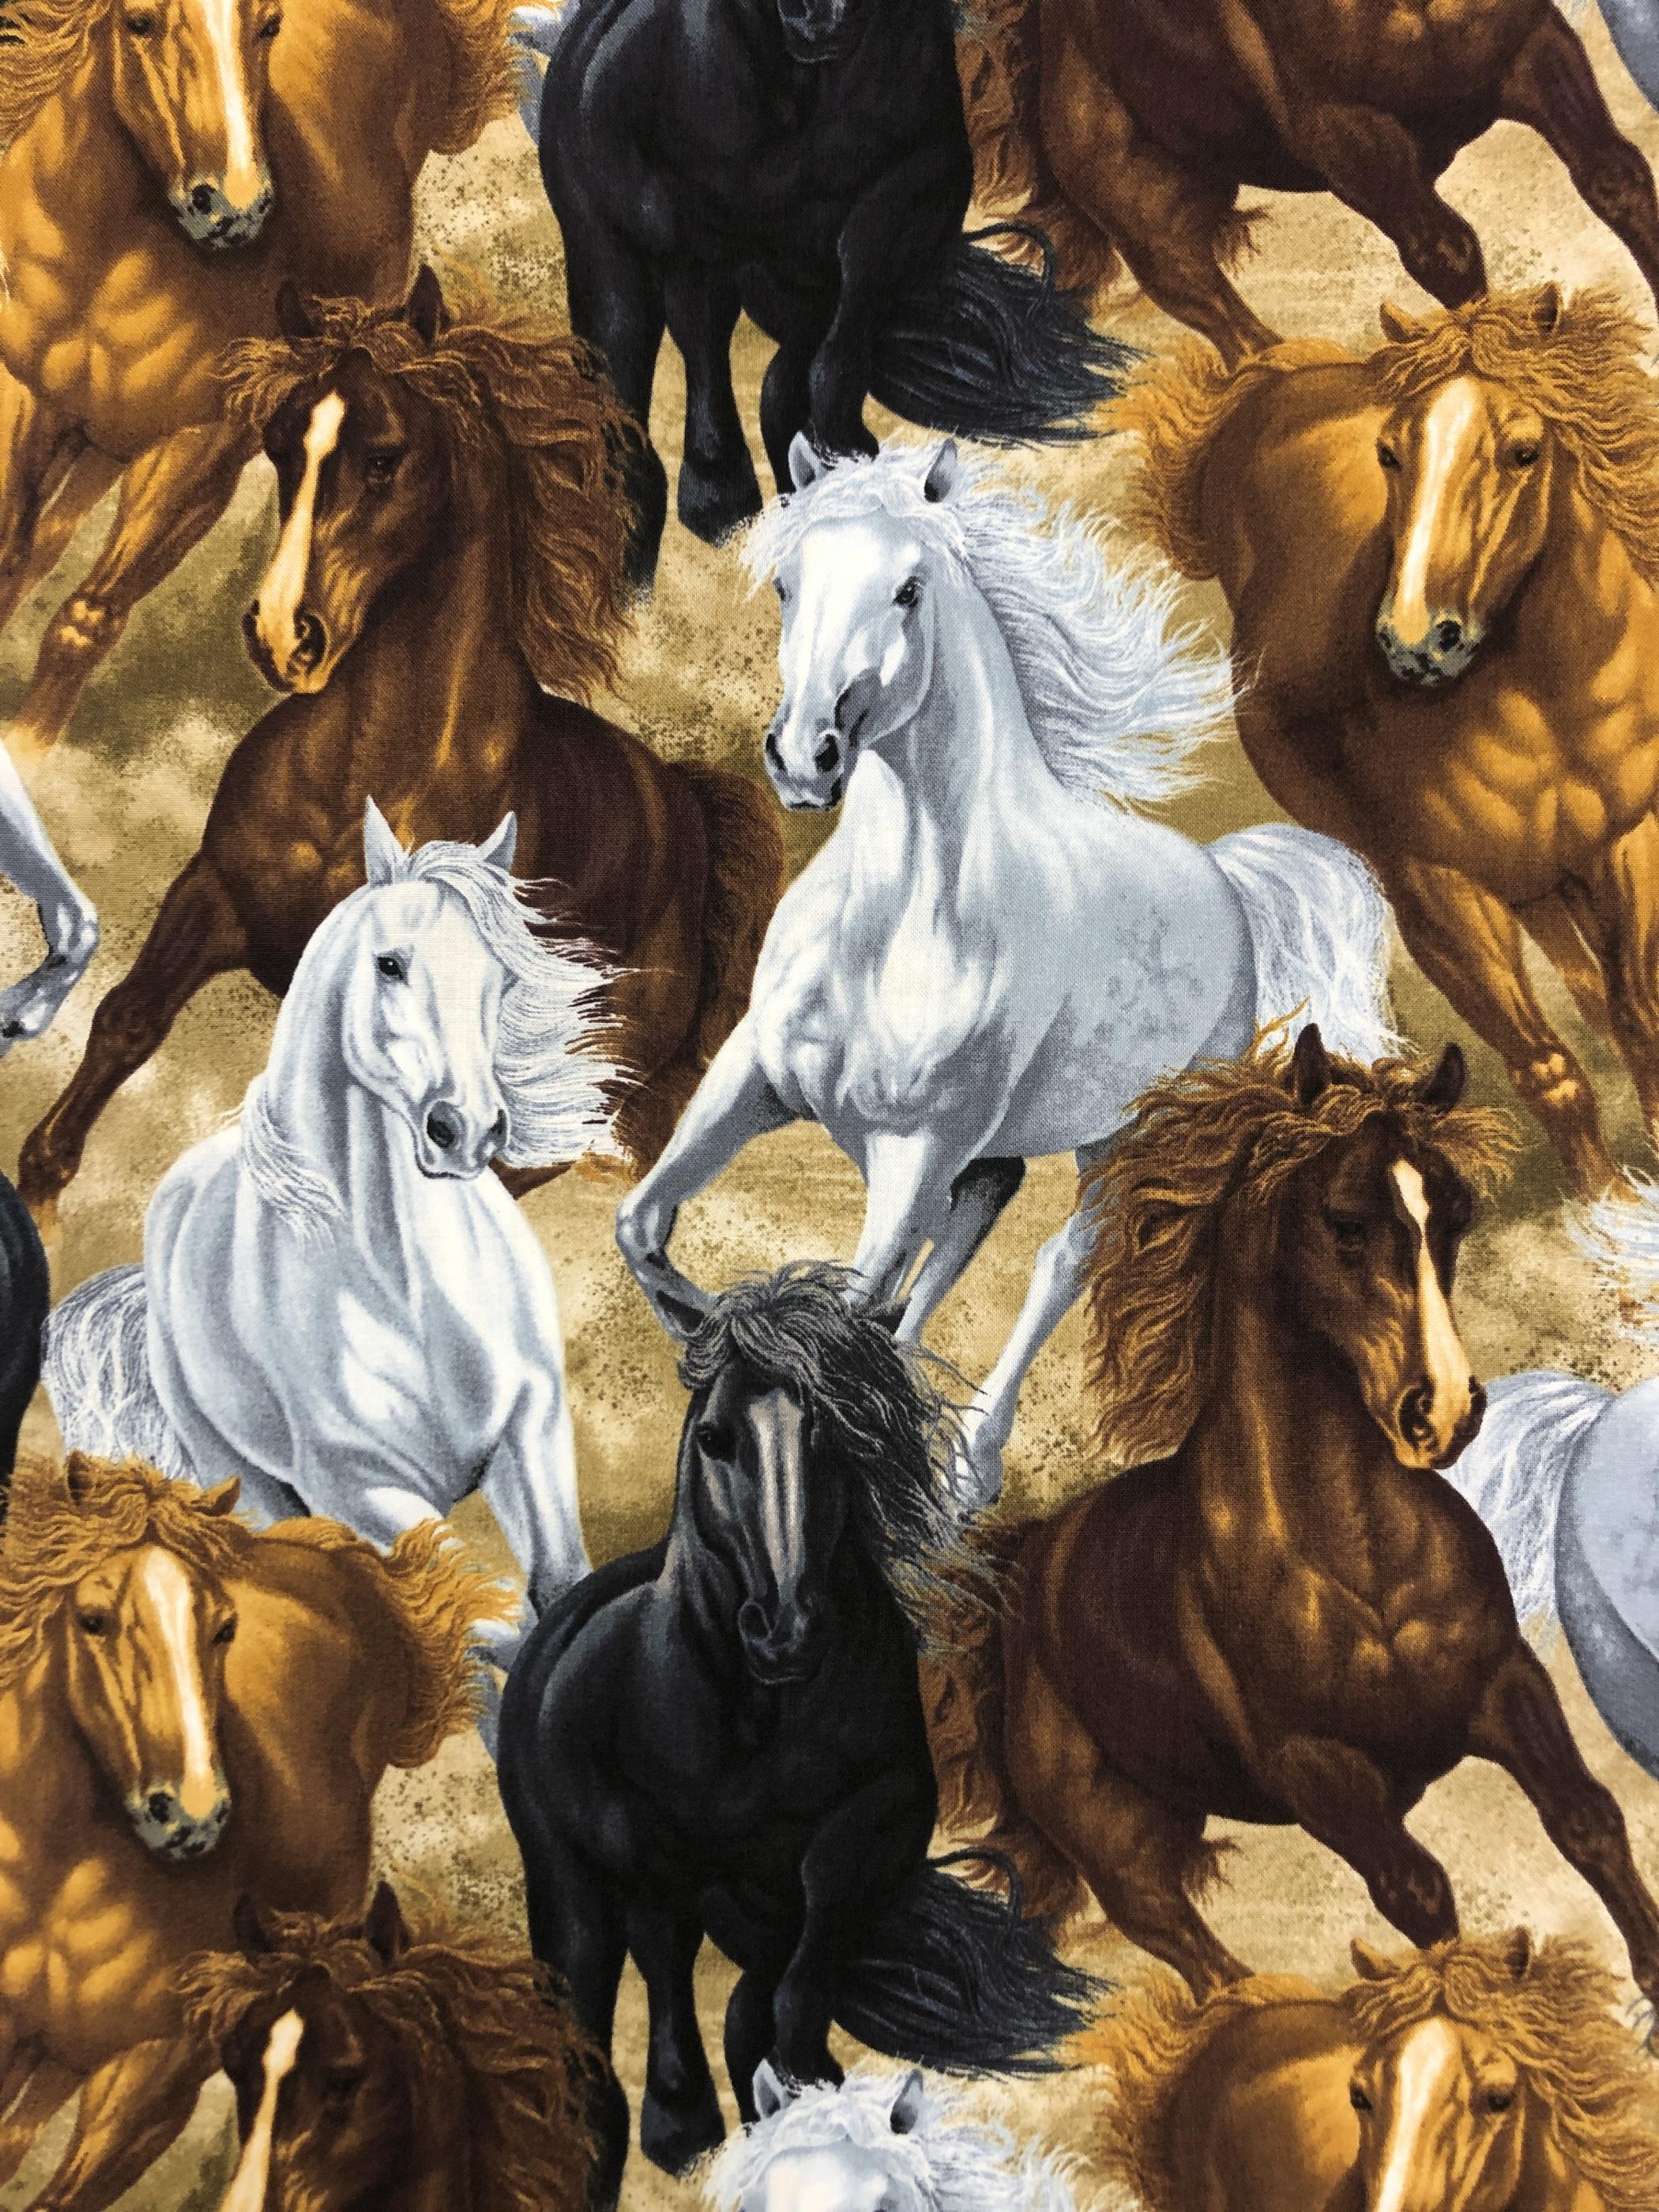 vildhästar hästar svart vit brun beige djur metervara tyglust laholm